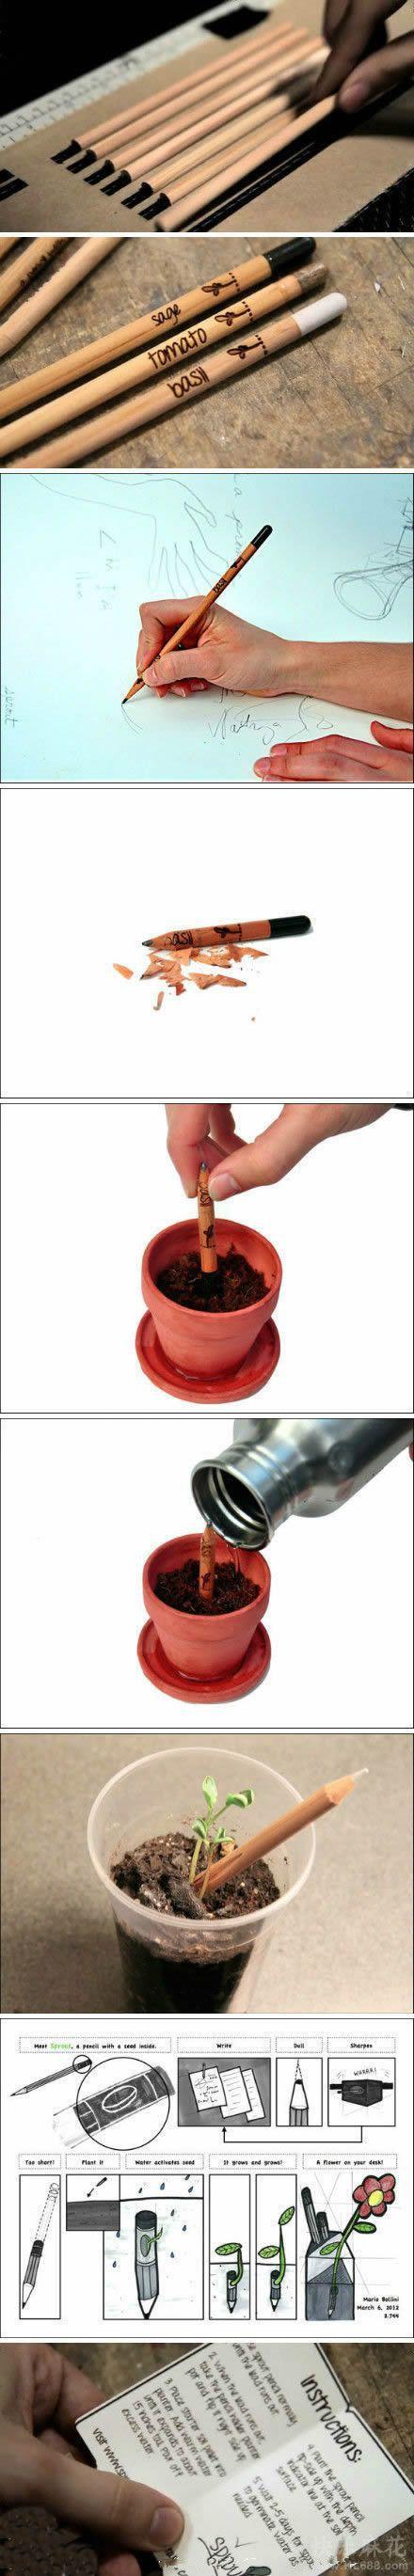 Con lápiz semilla